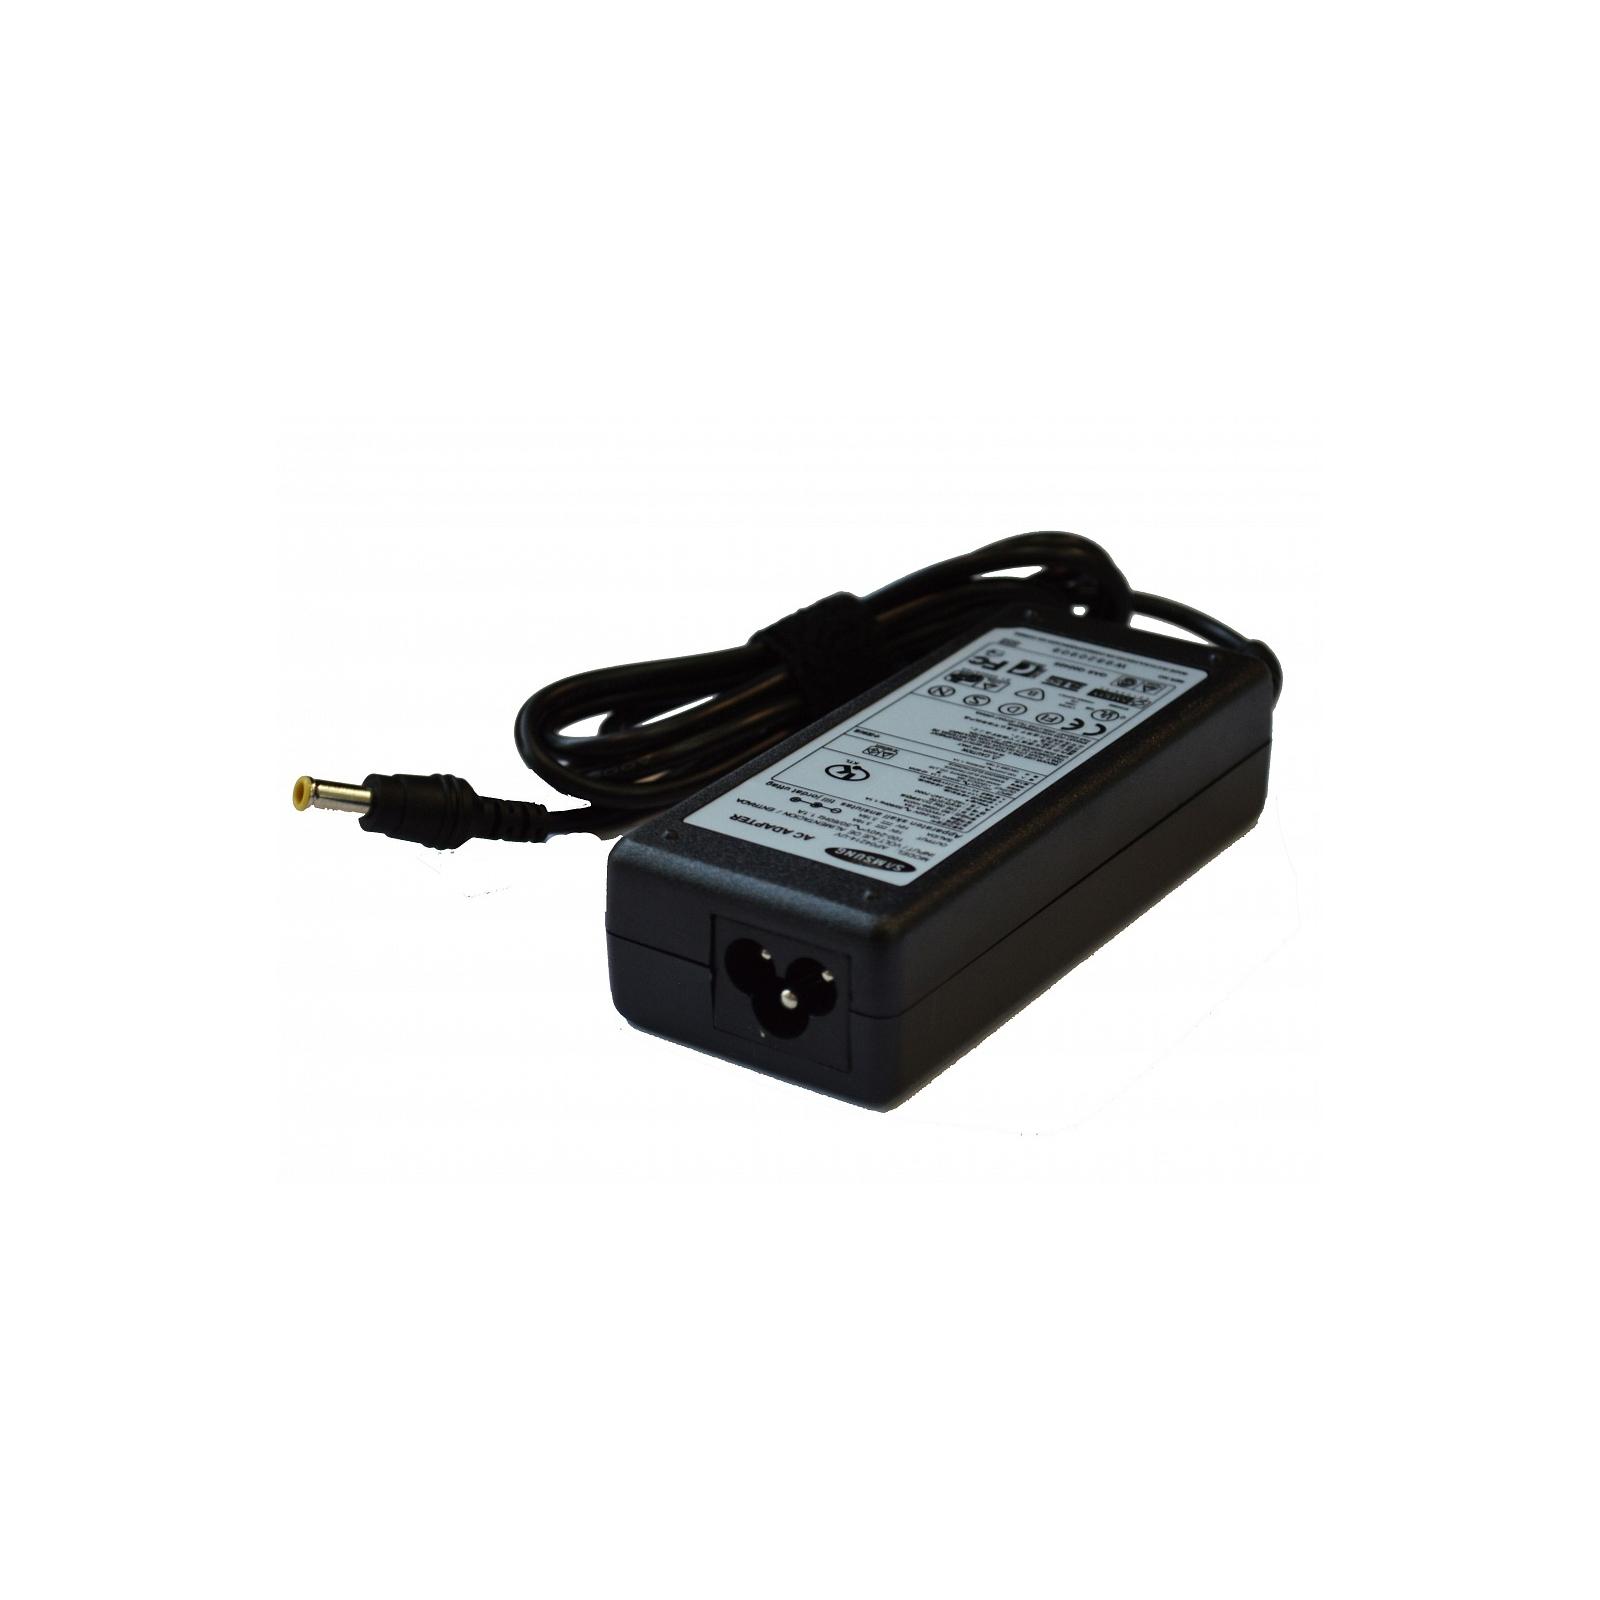 Блок питания к ноутбуку Drobak SAMSUNG 19V 60W 3.16A (5.5*3.0 black with pin inside) (142110) изображение 3